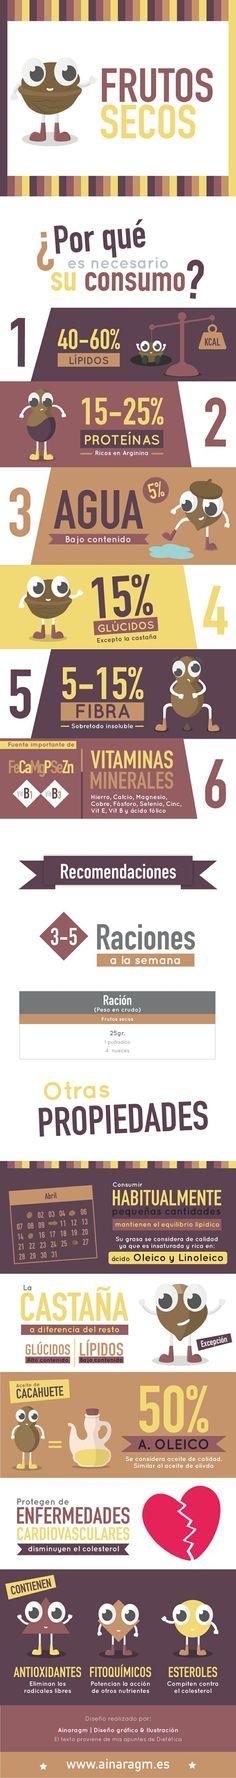 Beneficios de los frutos secos - Infografías y Remedios. #infografia #nutrición #infographic